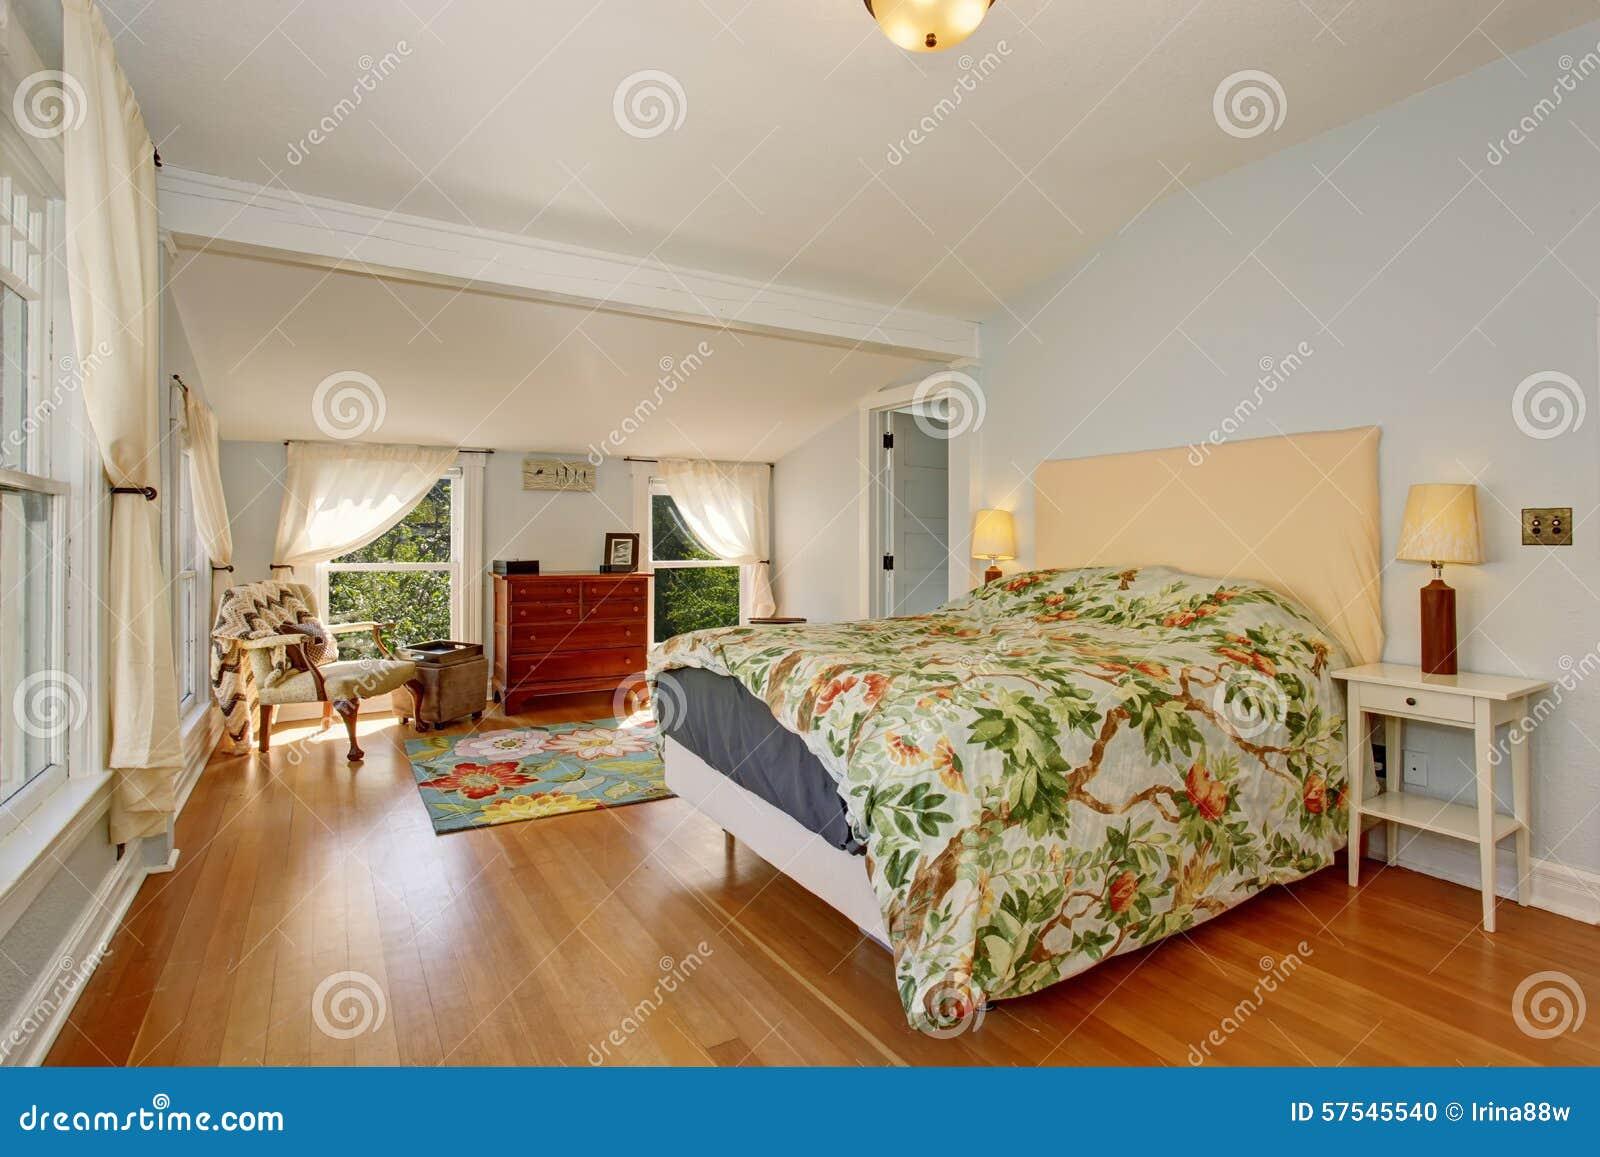 Slaapkamer Met Lichtblauwe Muren Stock Foto's– 17 Slaapkamer Met ...